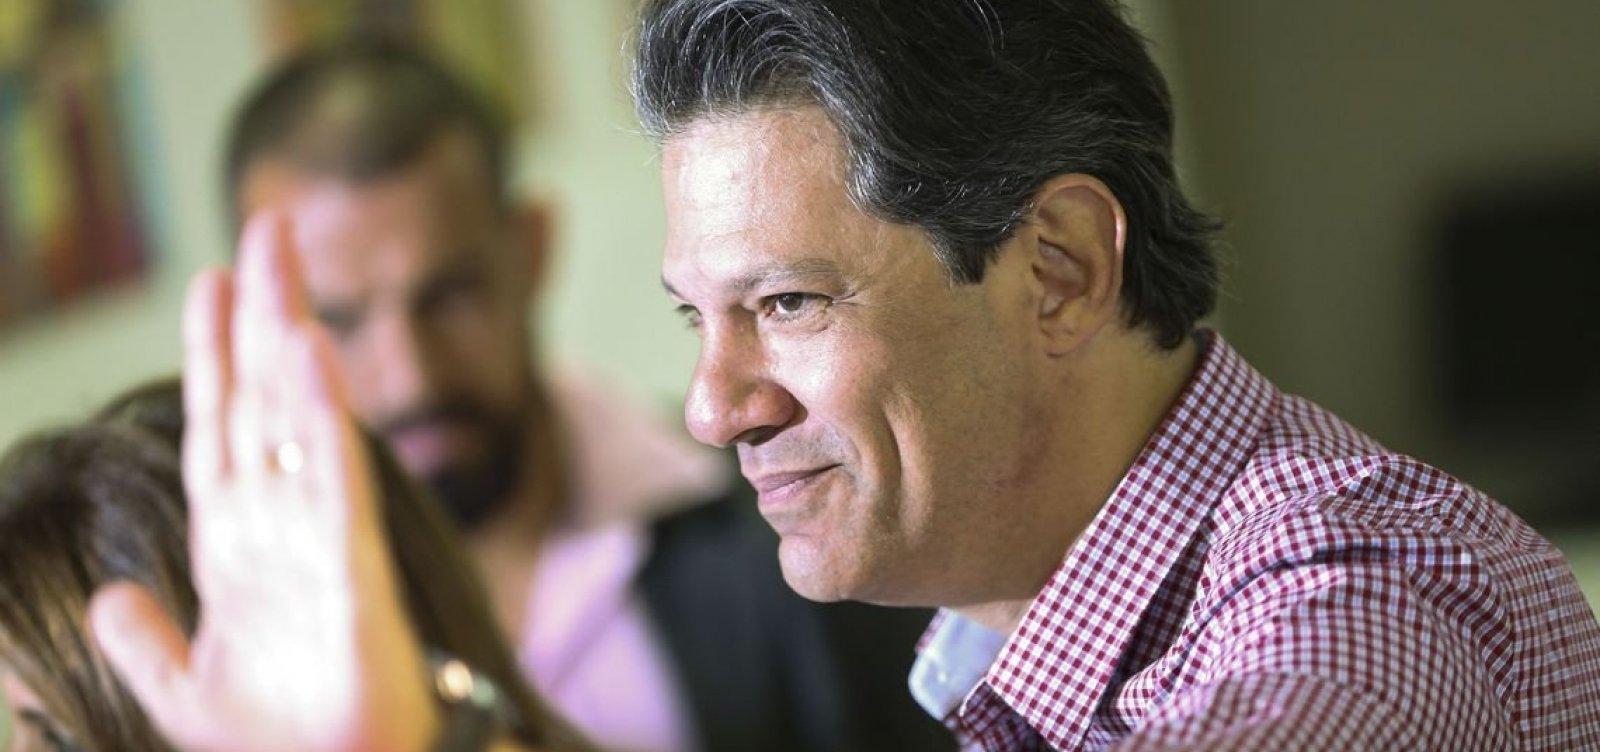 Haddad vai explorar contradições de Bolsonaro sobre assistência social e salário mínimo, diz coluna